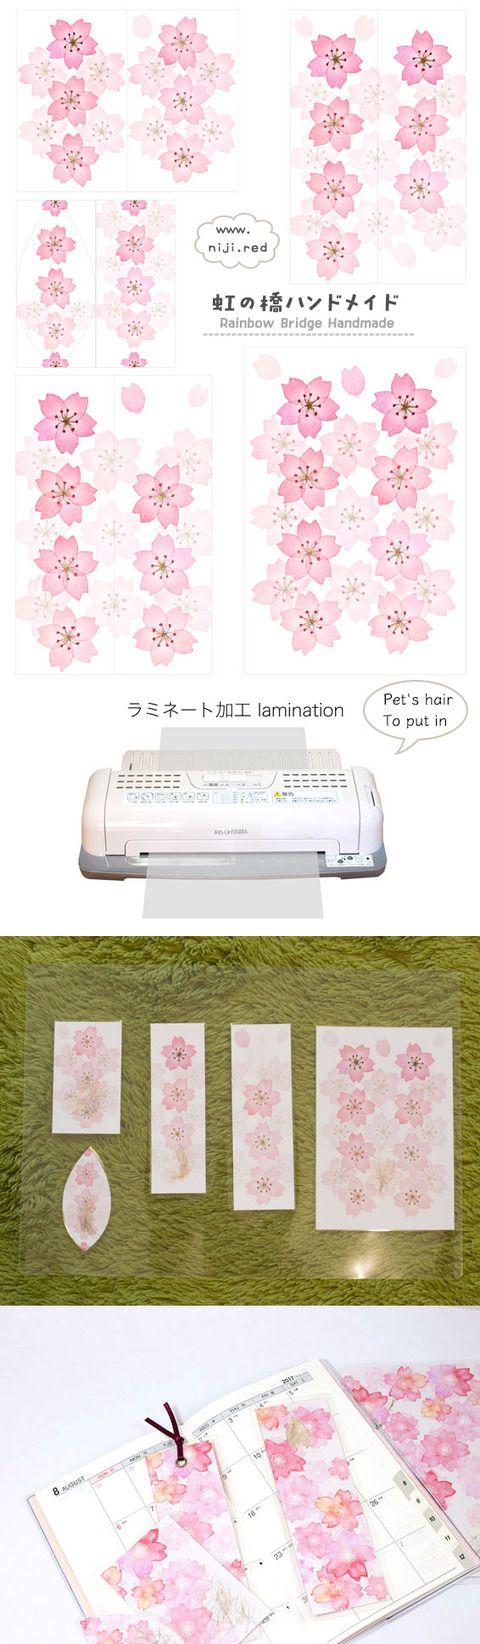 handmade-bookmarkHOWTO 虹の橋ハンドメイドから手作りしおりの紹介です。水彩画の桜デザインのしおり5枚セットです。ペットがいる方はペット毛をお入れいたします。